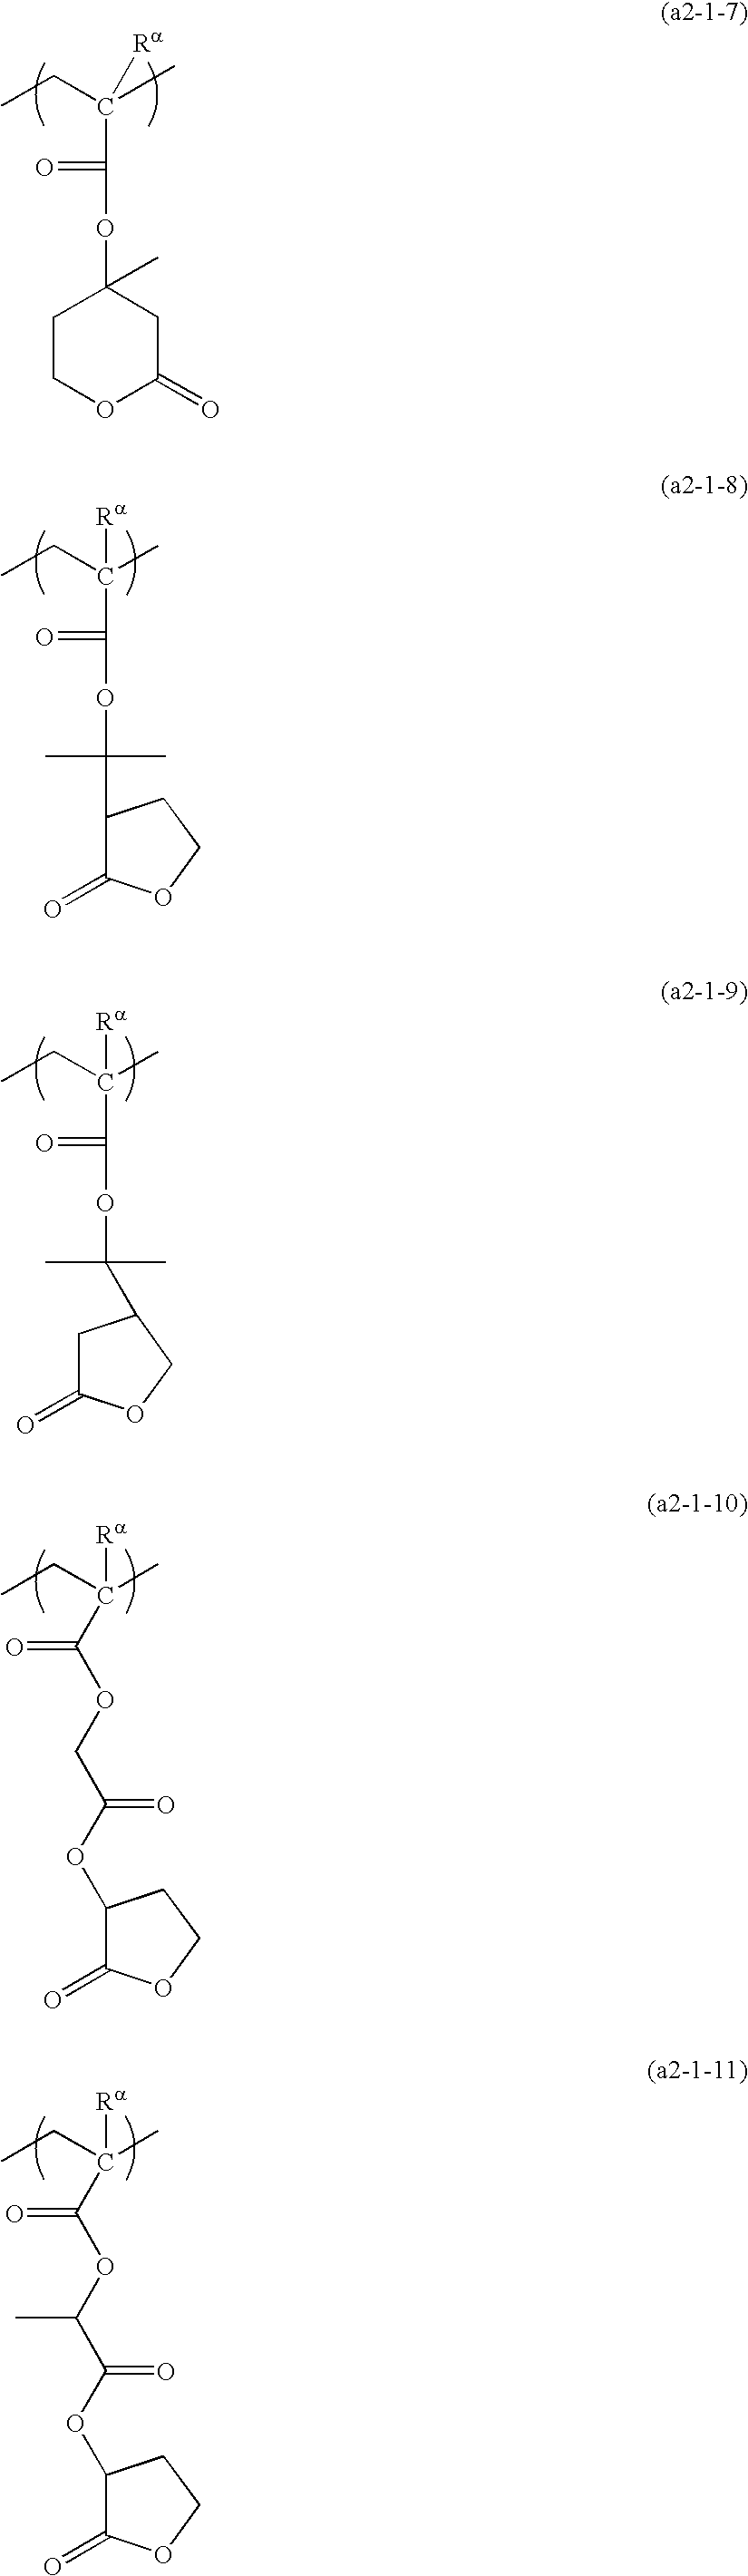 Figure US20100196821A1-20100805-C00068